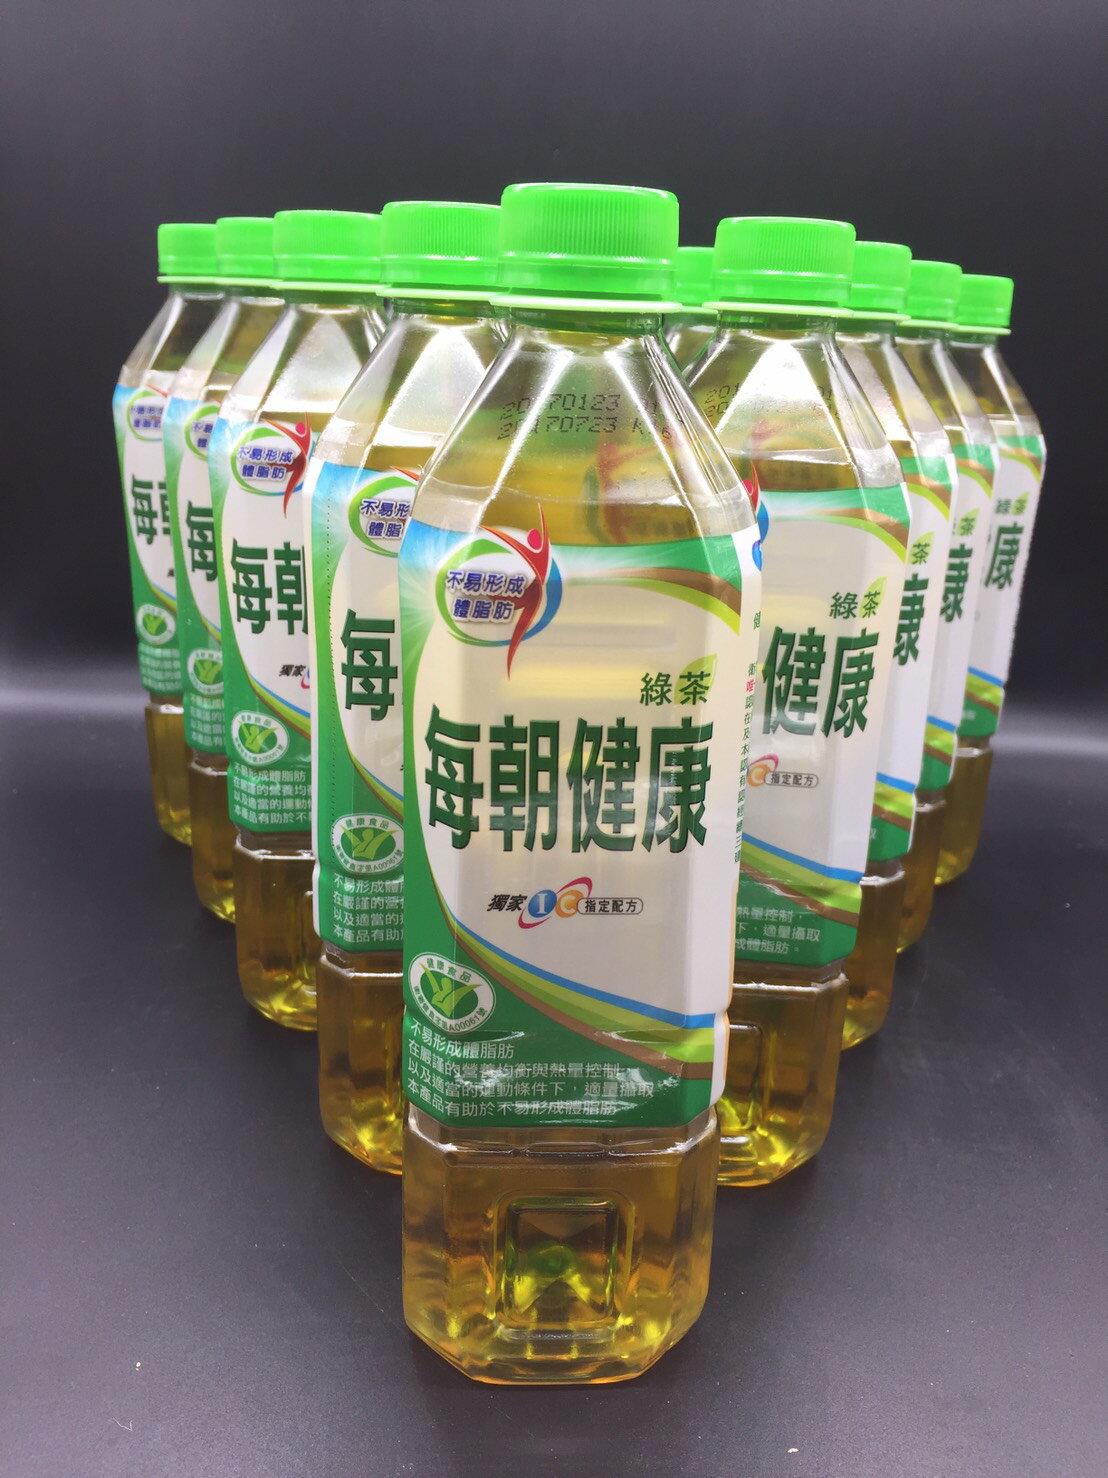 代購  每朝健康綠茶一箱 1瓶650毫升